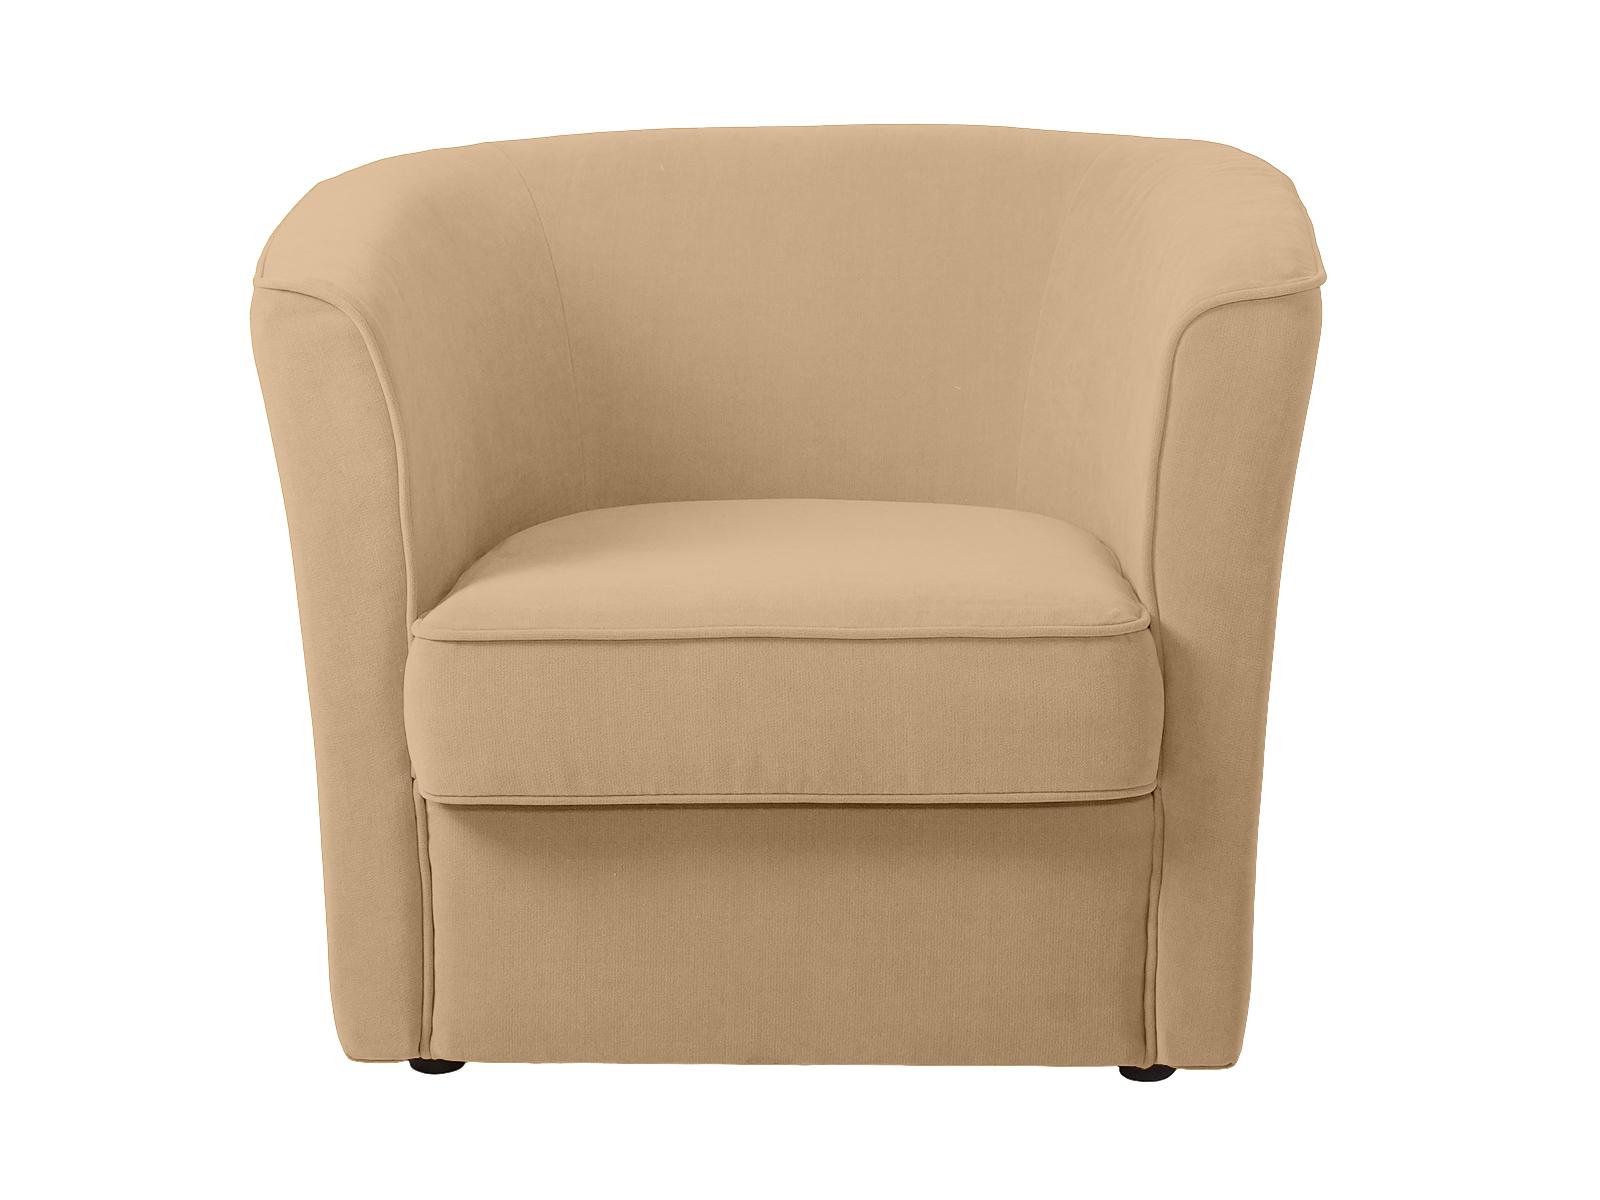 Кресло CaliforniaКресла<br>Кресло с мягкими подлокотниками. Каталог материалов, PDF<br>